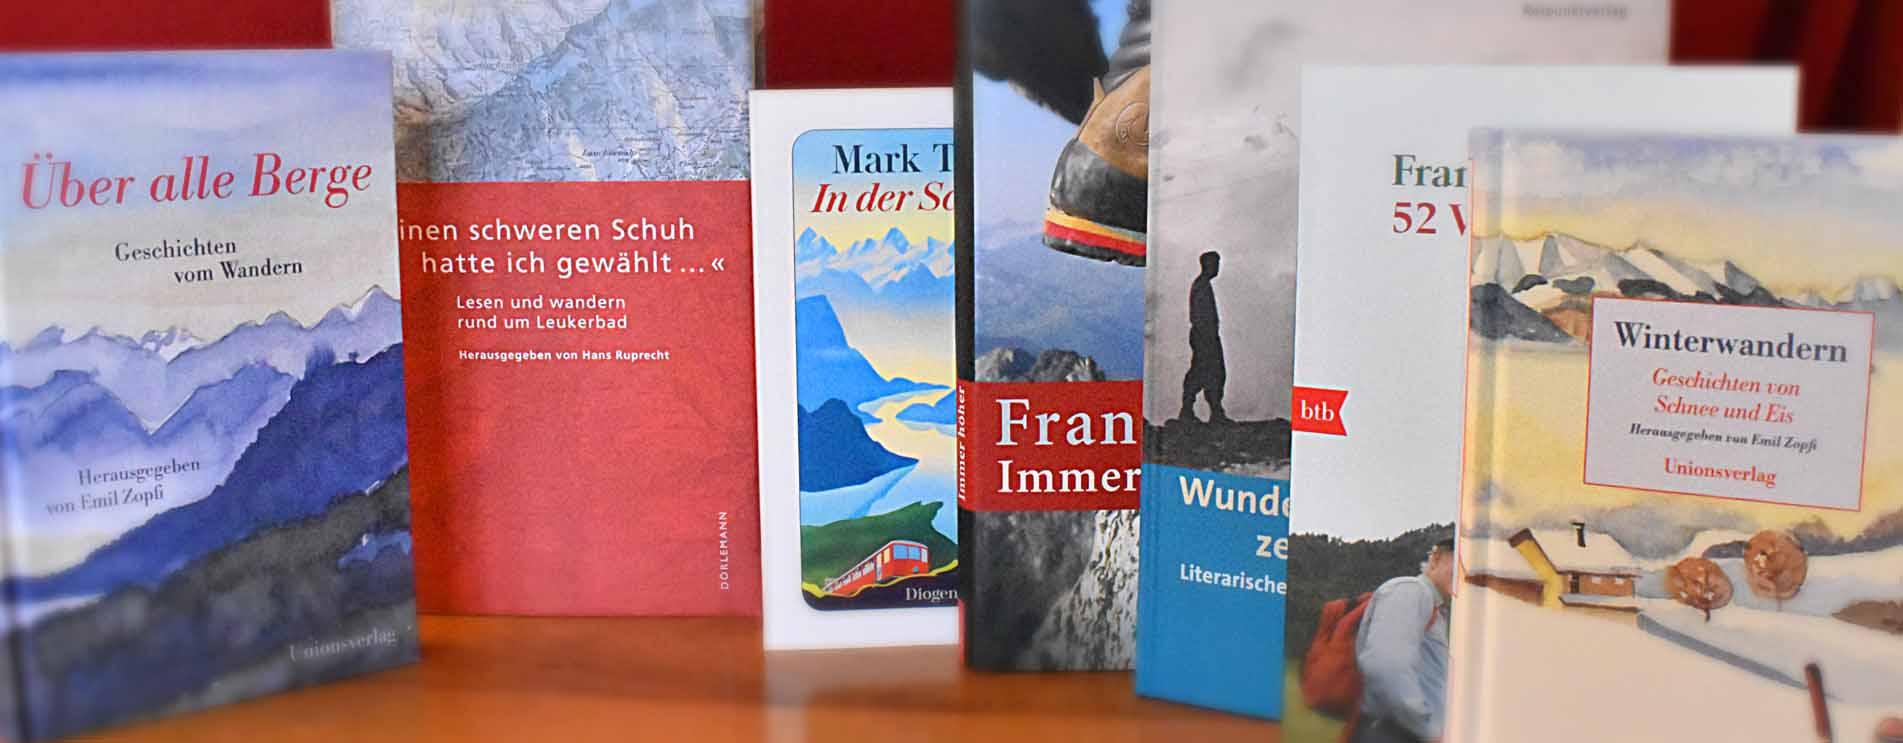 Wanderbücher-Tipps – Romane & Erzählungen über Wanderungen in der Schweiz